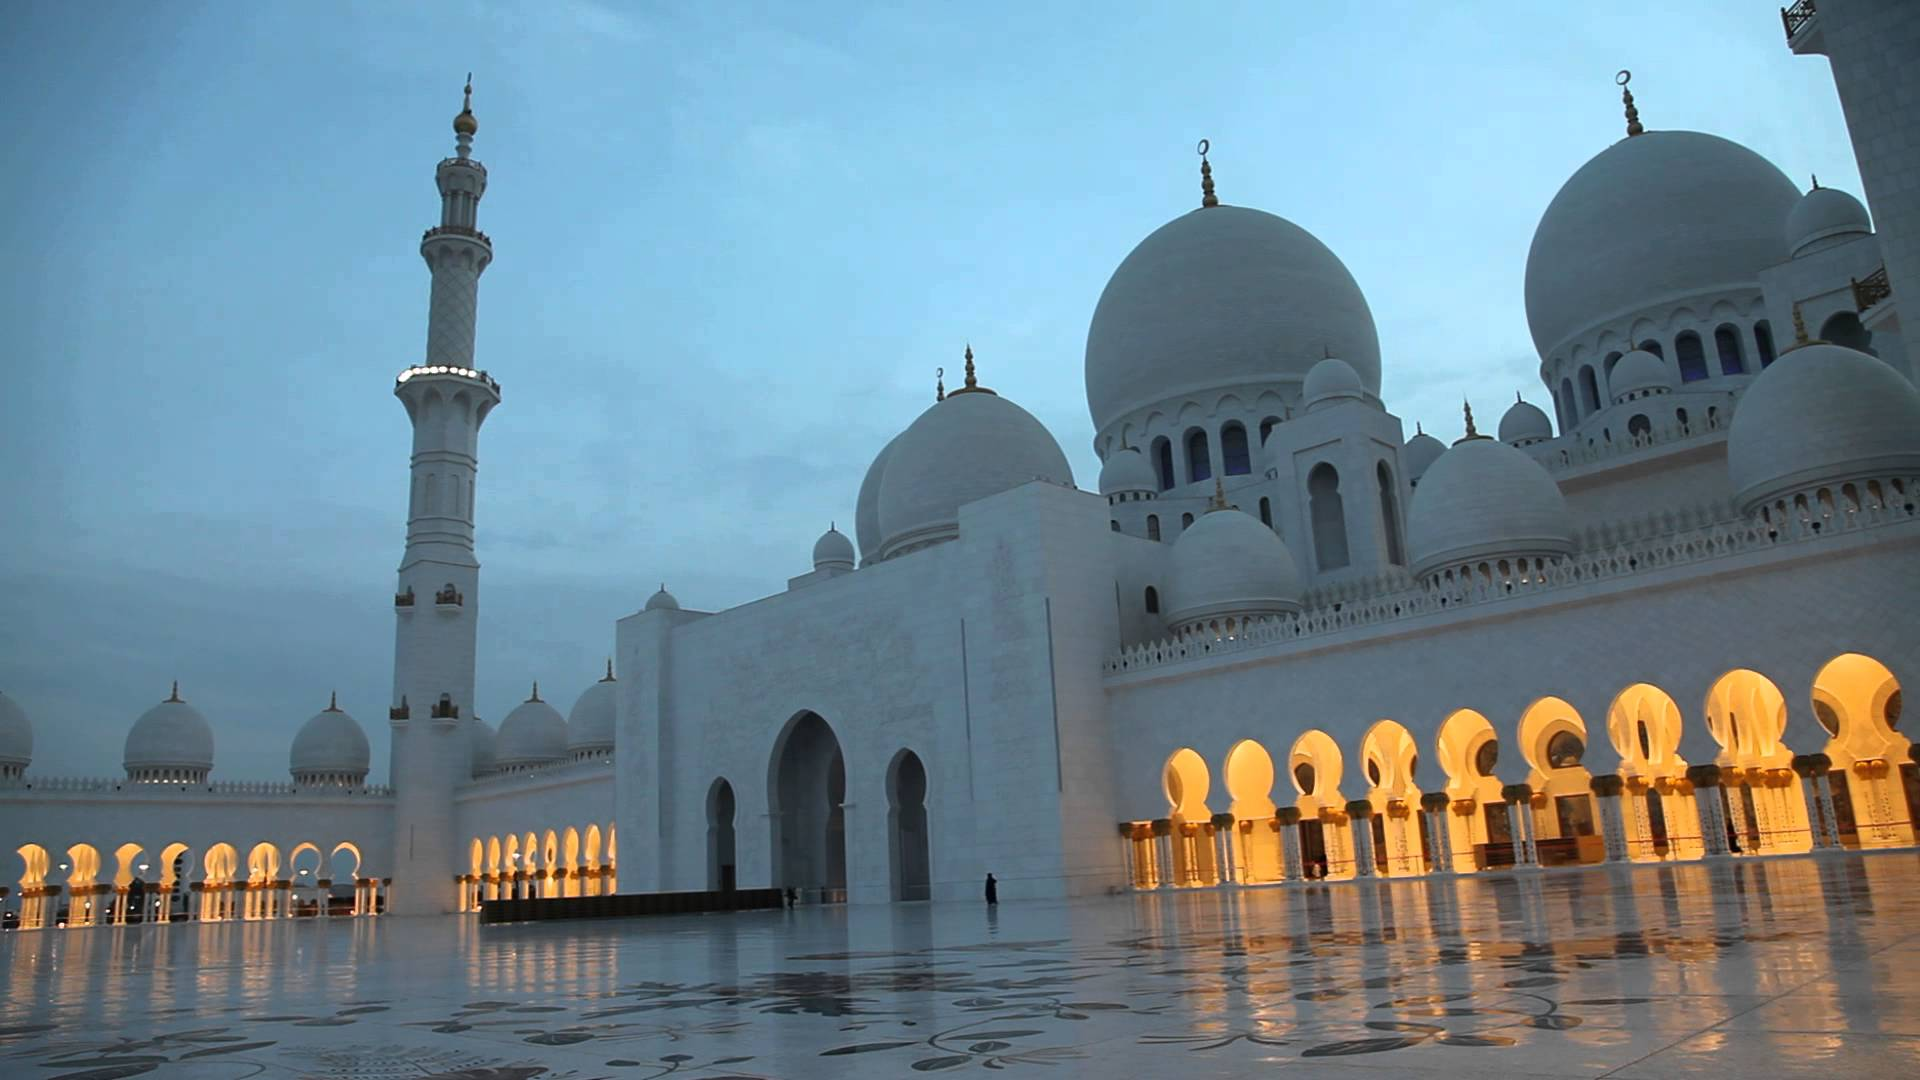 جامع الشيخ زايد الكبير الامارات